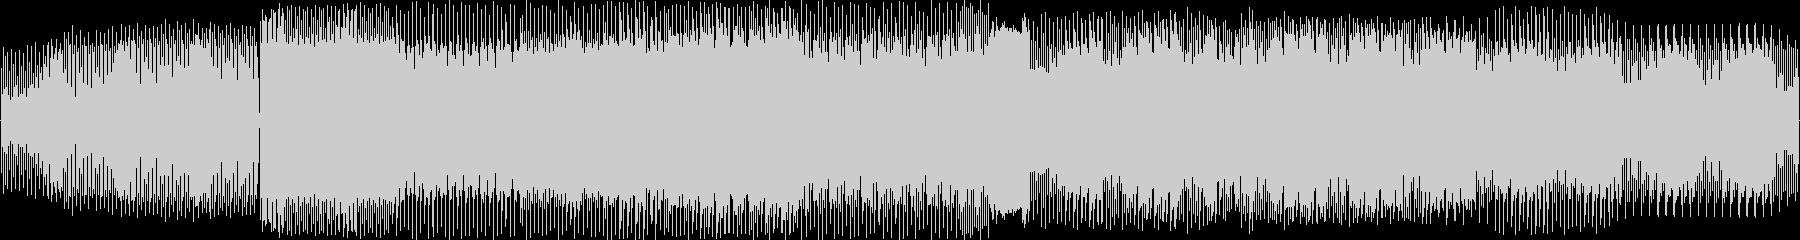 テックハウスの未再生の波形